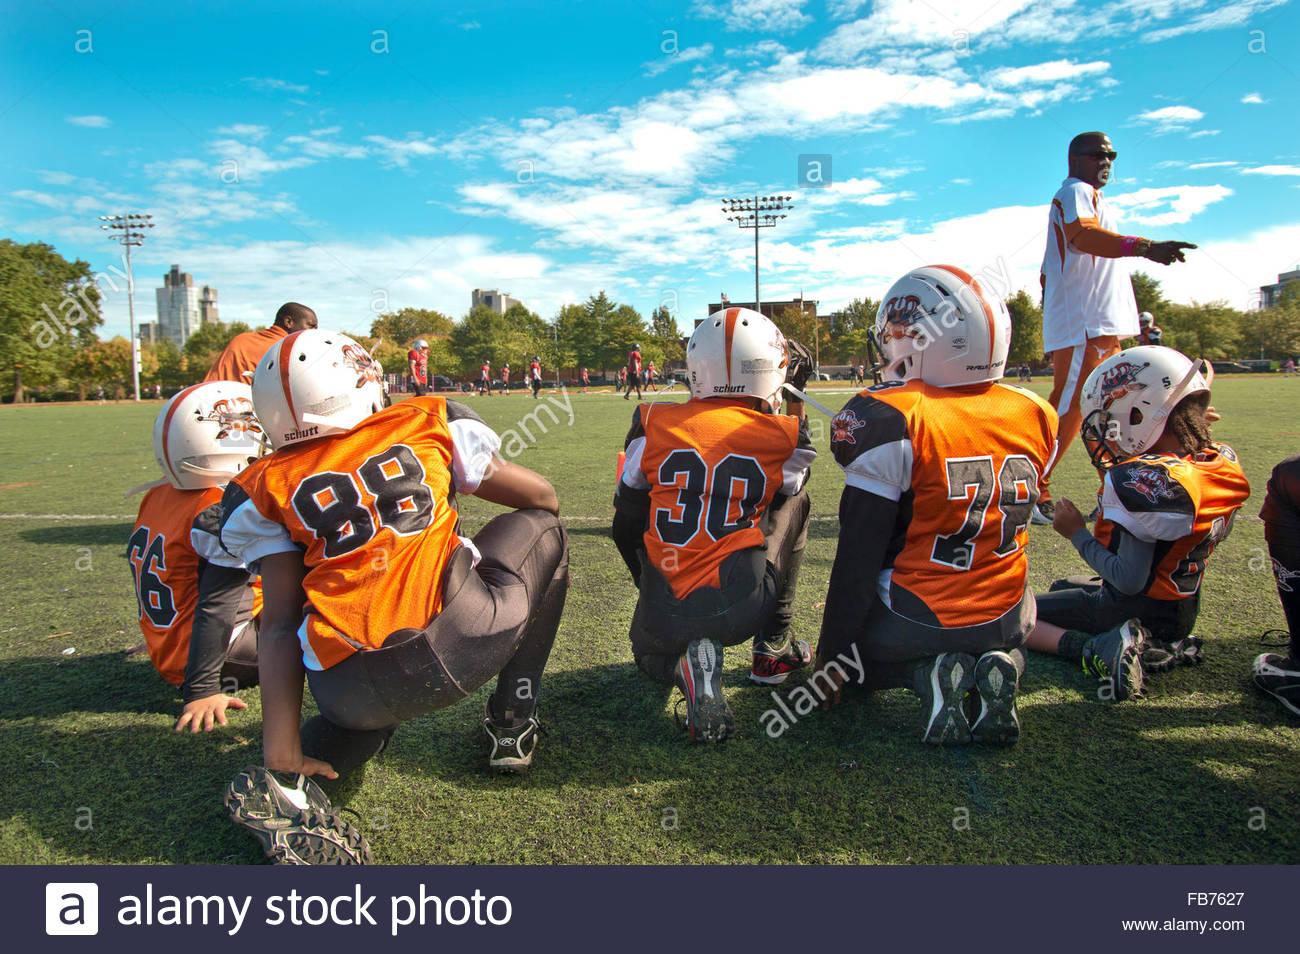 Nueva York: un partido de fútbol americano en un soleado MC Carren Satday en Brooklyn Park Imagen De Stock